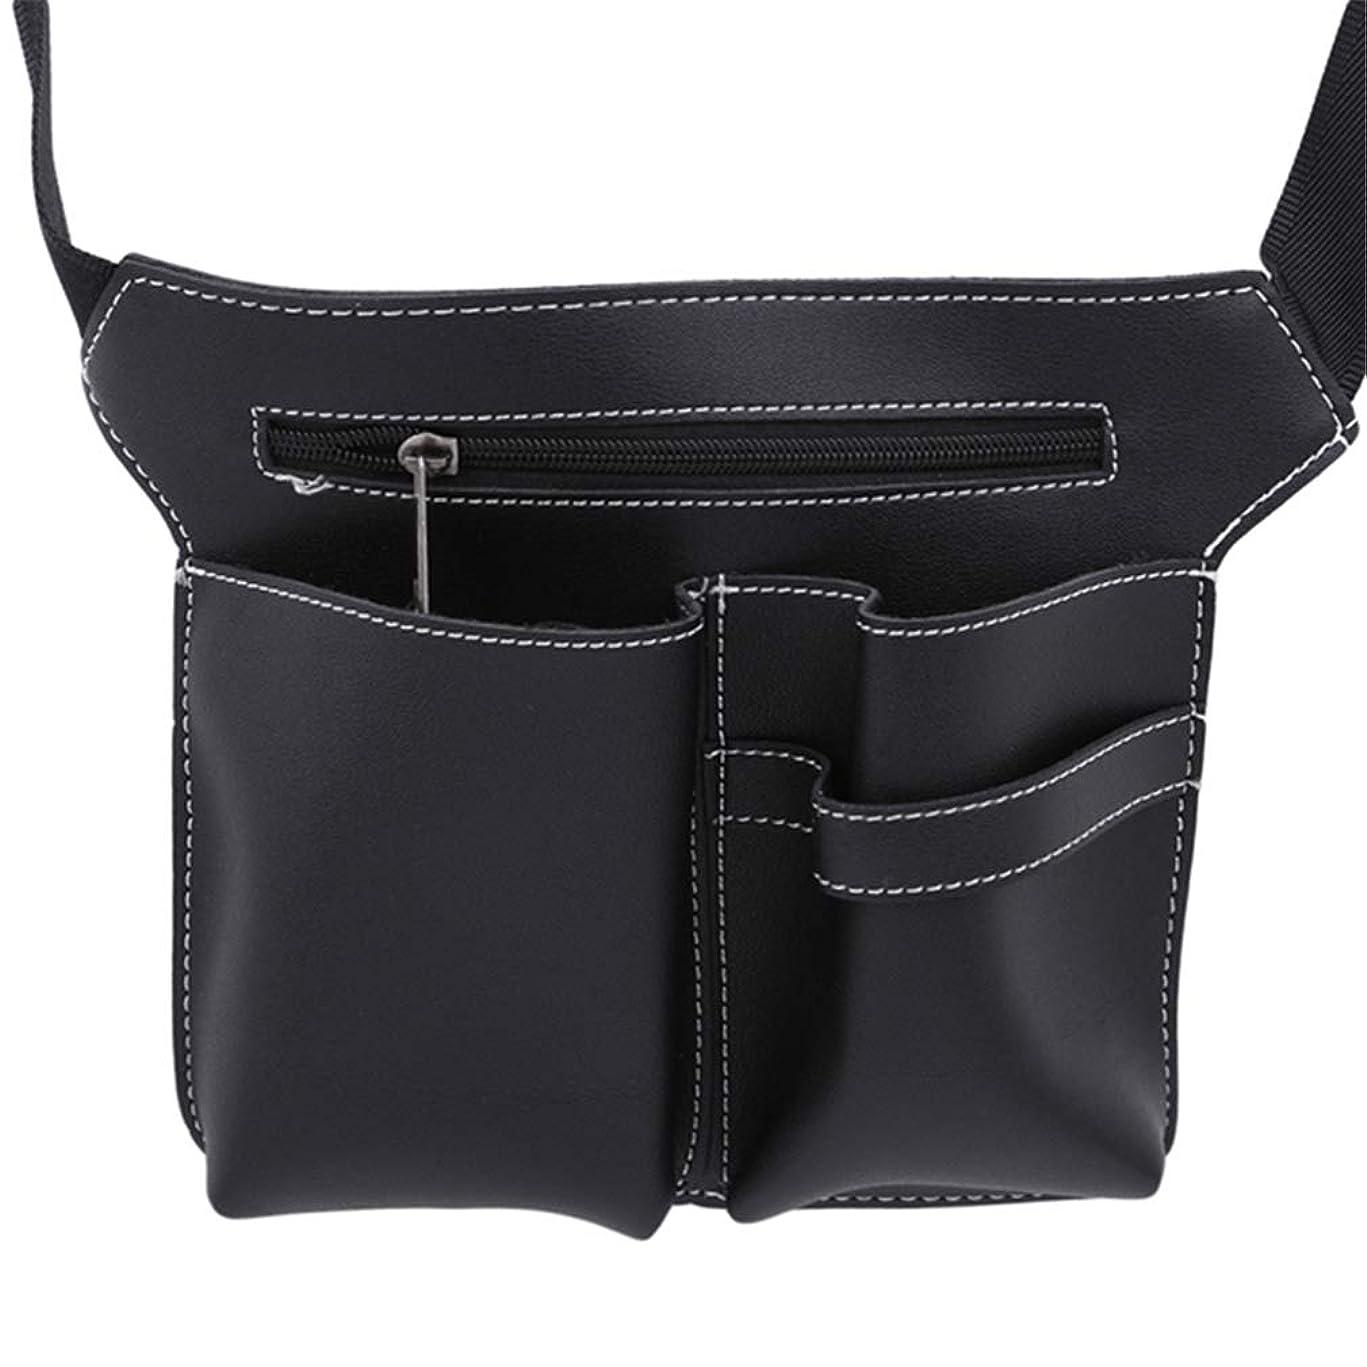 踏みつけレビュー原理MARUIKAO メイクブラシケース ウエストポーチ 収納バッグ はさみ オーガナイザー ホルダー 化粧ツール 便利グッズ ベルト 美容師 美容用品 保管ポケット